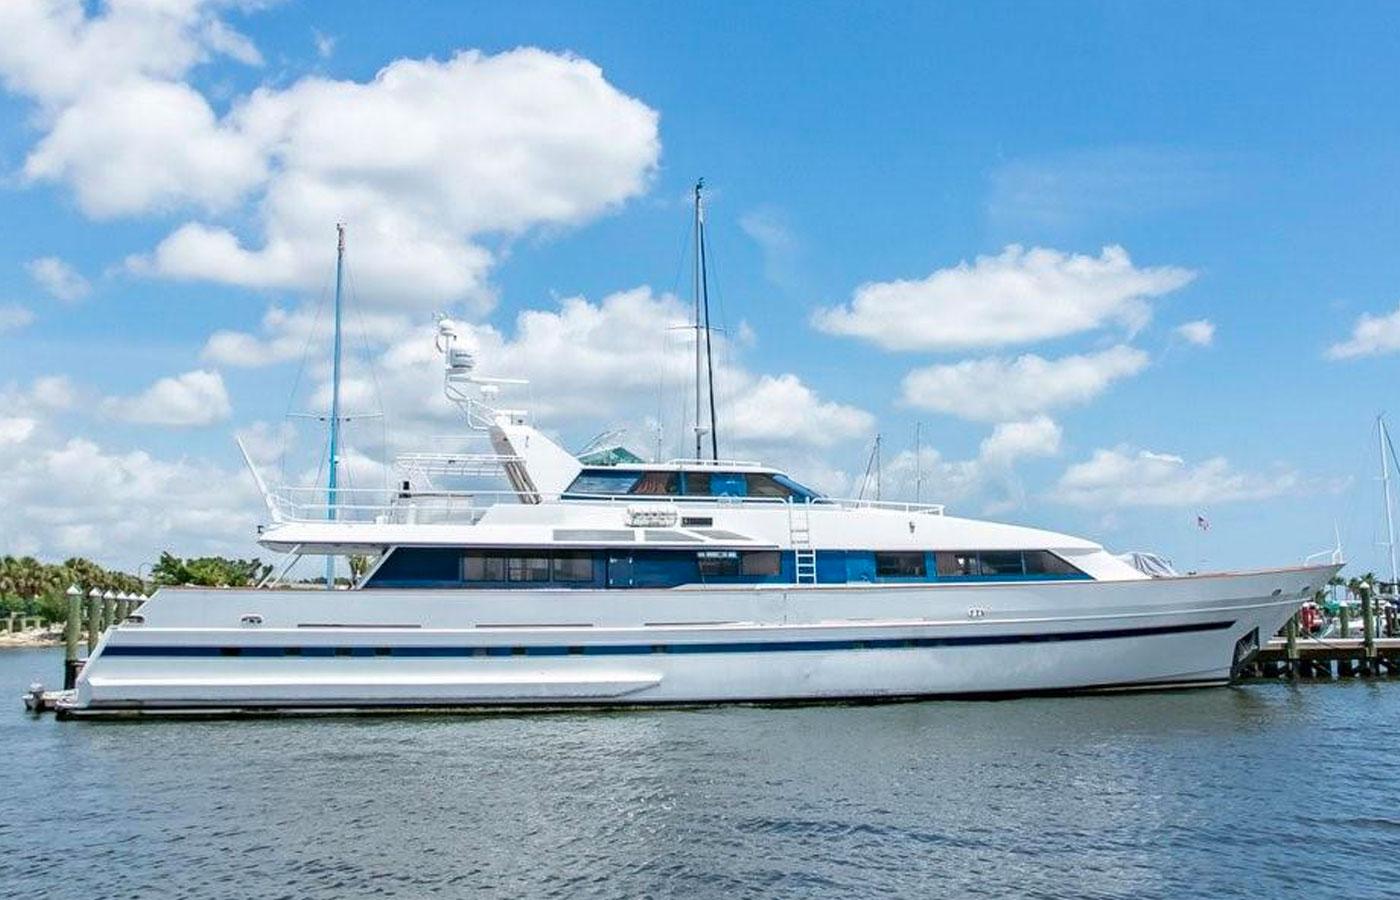 125 Royal Huisman SALT DANCER Sold by Denison Yacht Sales